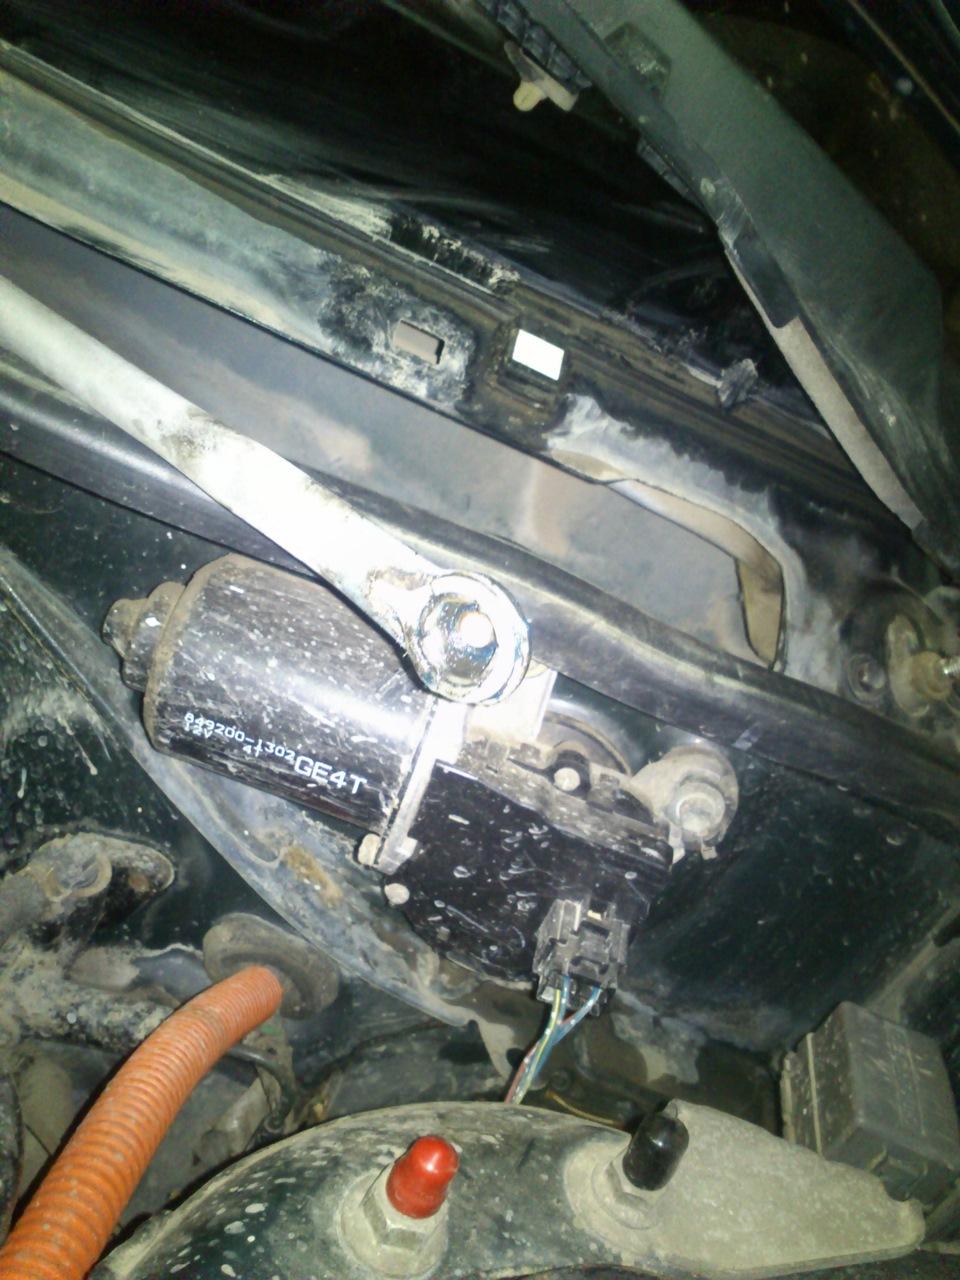 mazda 626 тяга не крепиться к двигателю стеклоочистителя